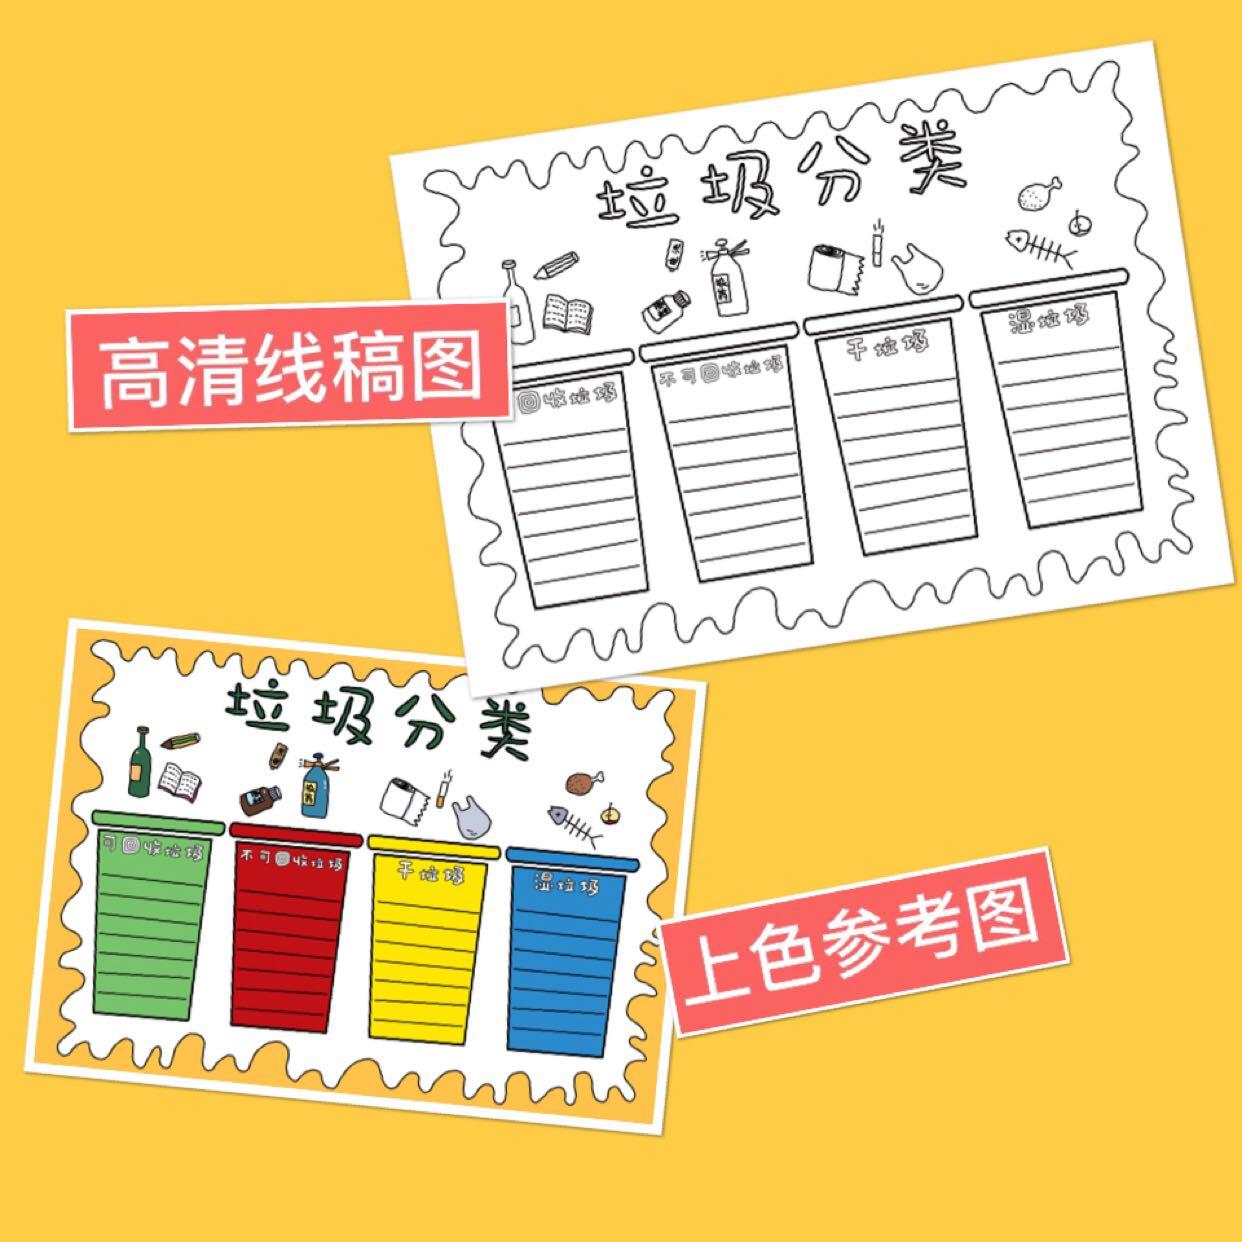 小学生手抄报的电子模板 环保分类 主题曲包含上色参考图加线稿图